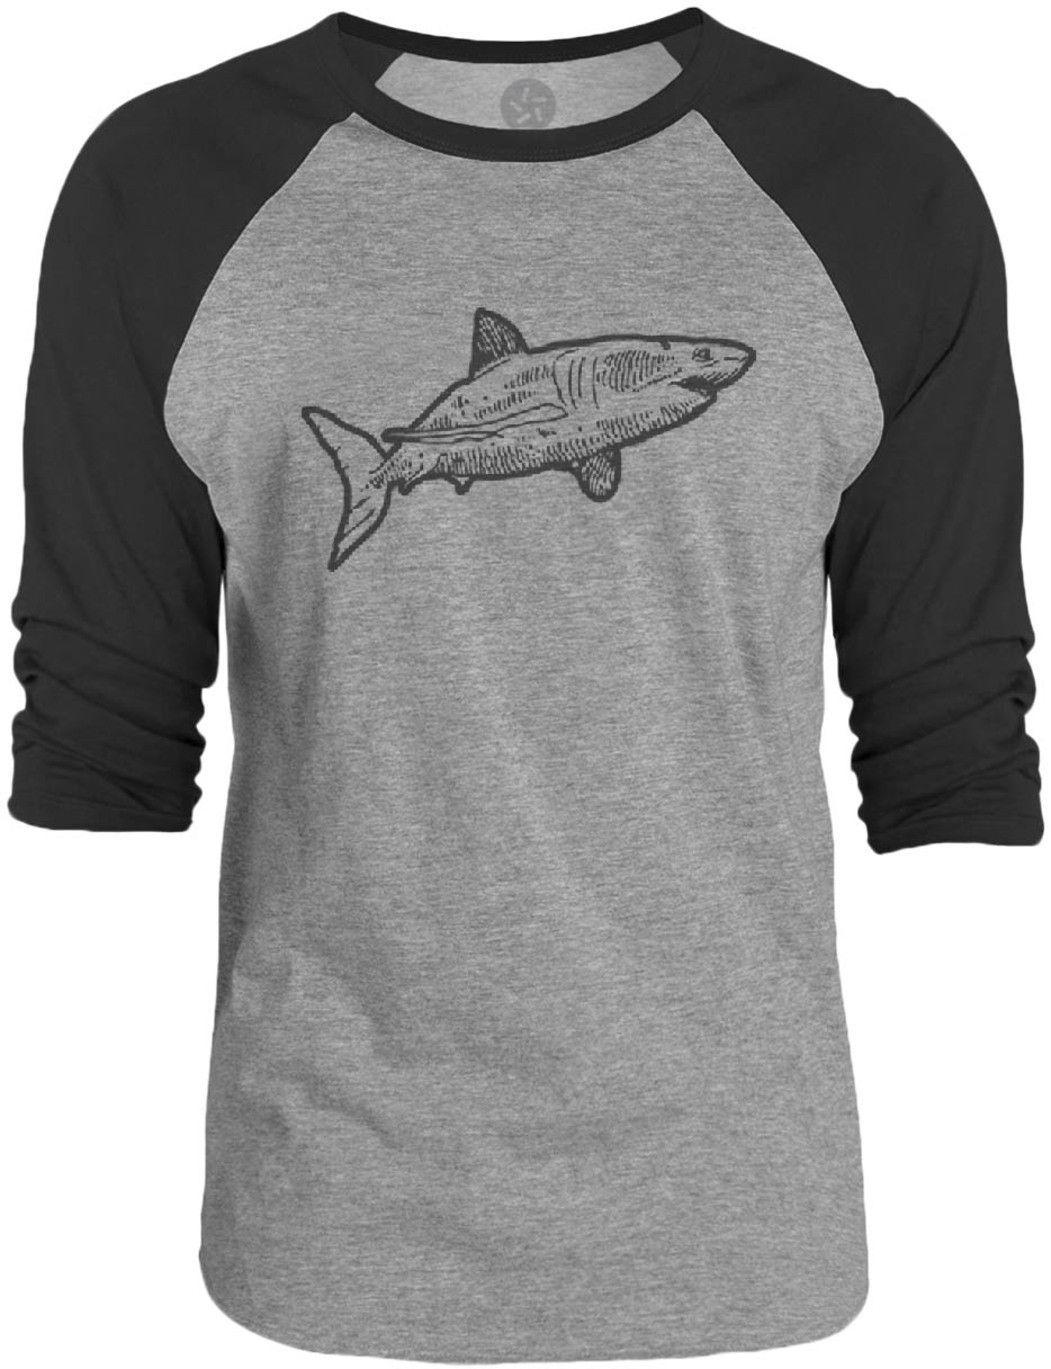 Great Black Shark - UNISEX - 3/4 Sleeve Baseball Tee rEXBpFKcm